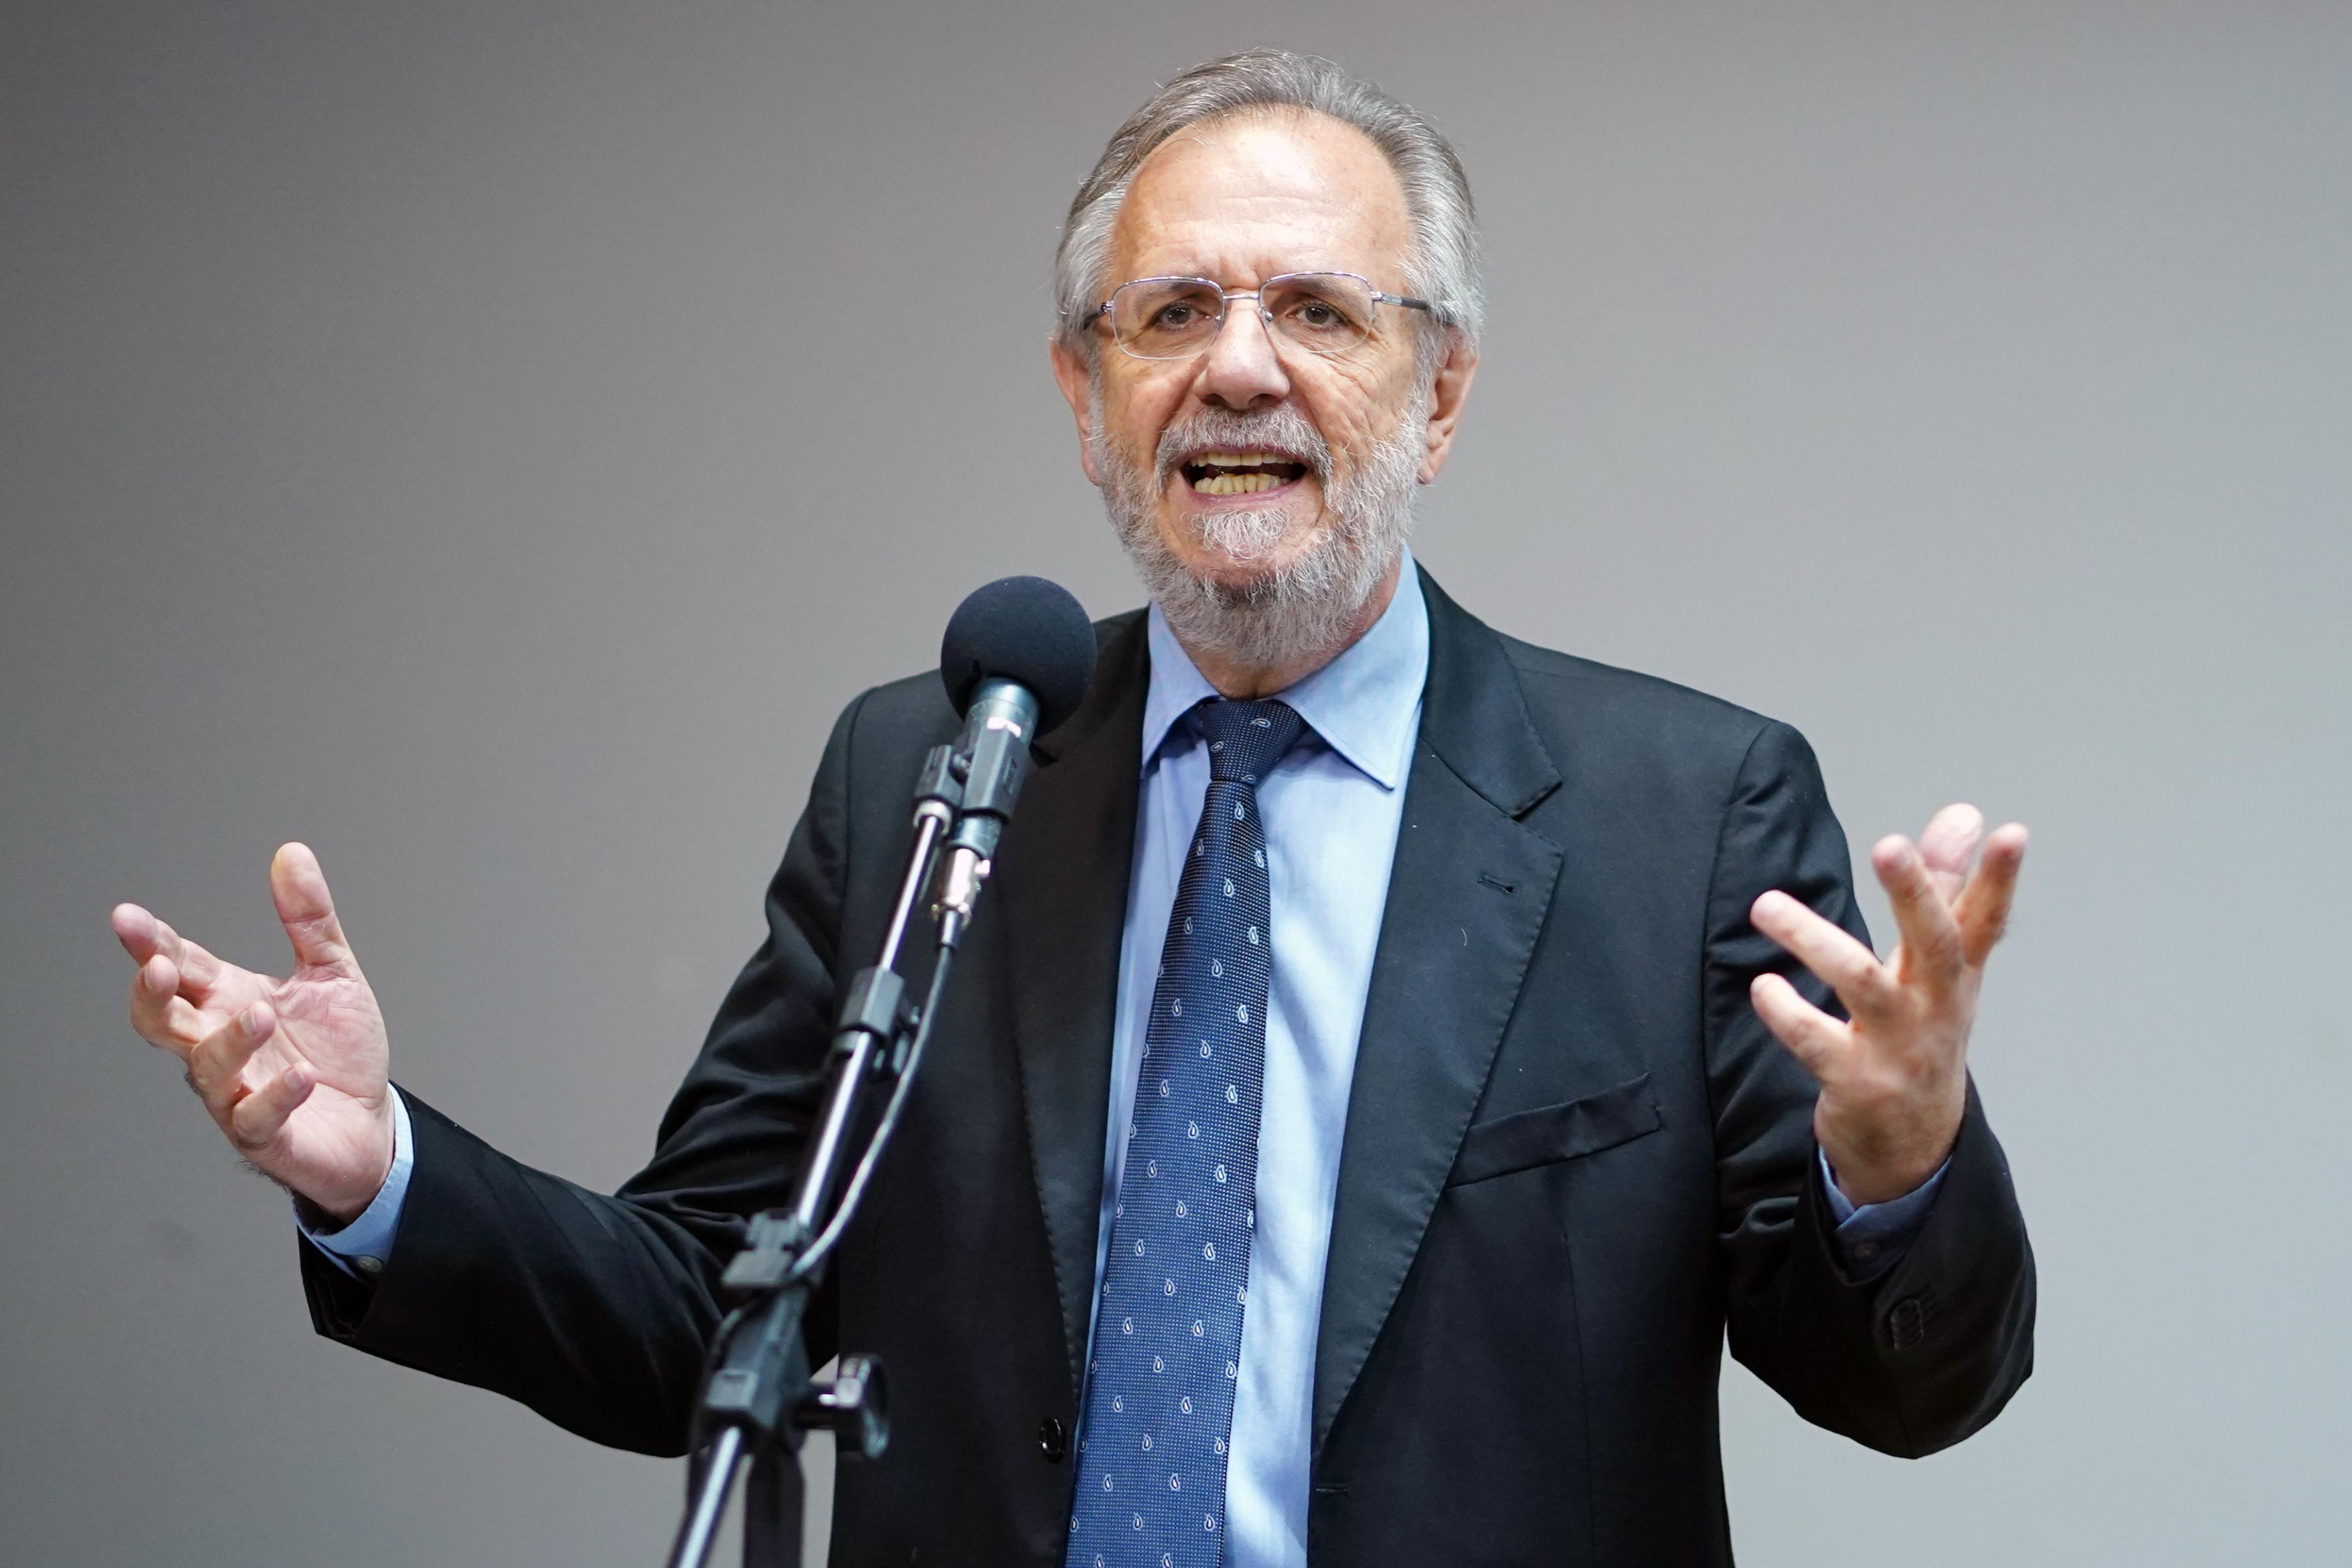 Seminário: O Regime Próprio e do Regime Geral da Reforma da Previdência. Ex-Ministro do Trabalho e Previdência Social, Miguel Rossetto